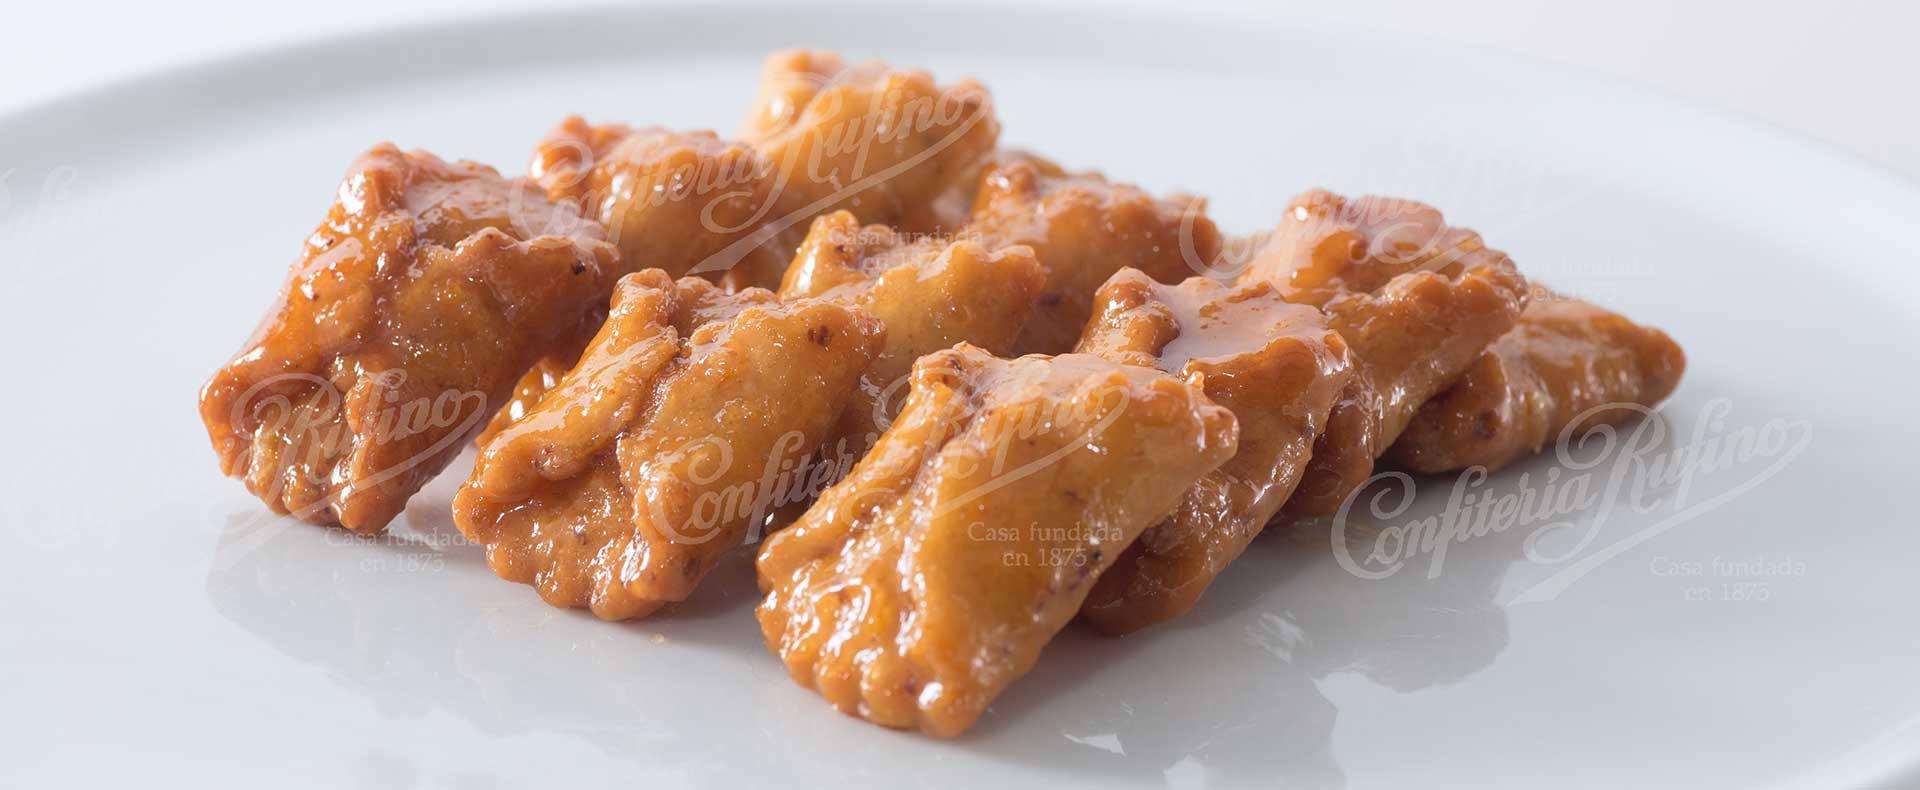 Pestiño dulce frito de la Semana Santa Confitería Rufino Aracena